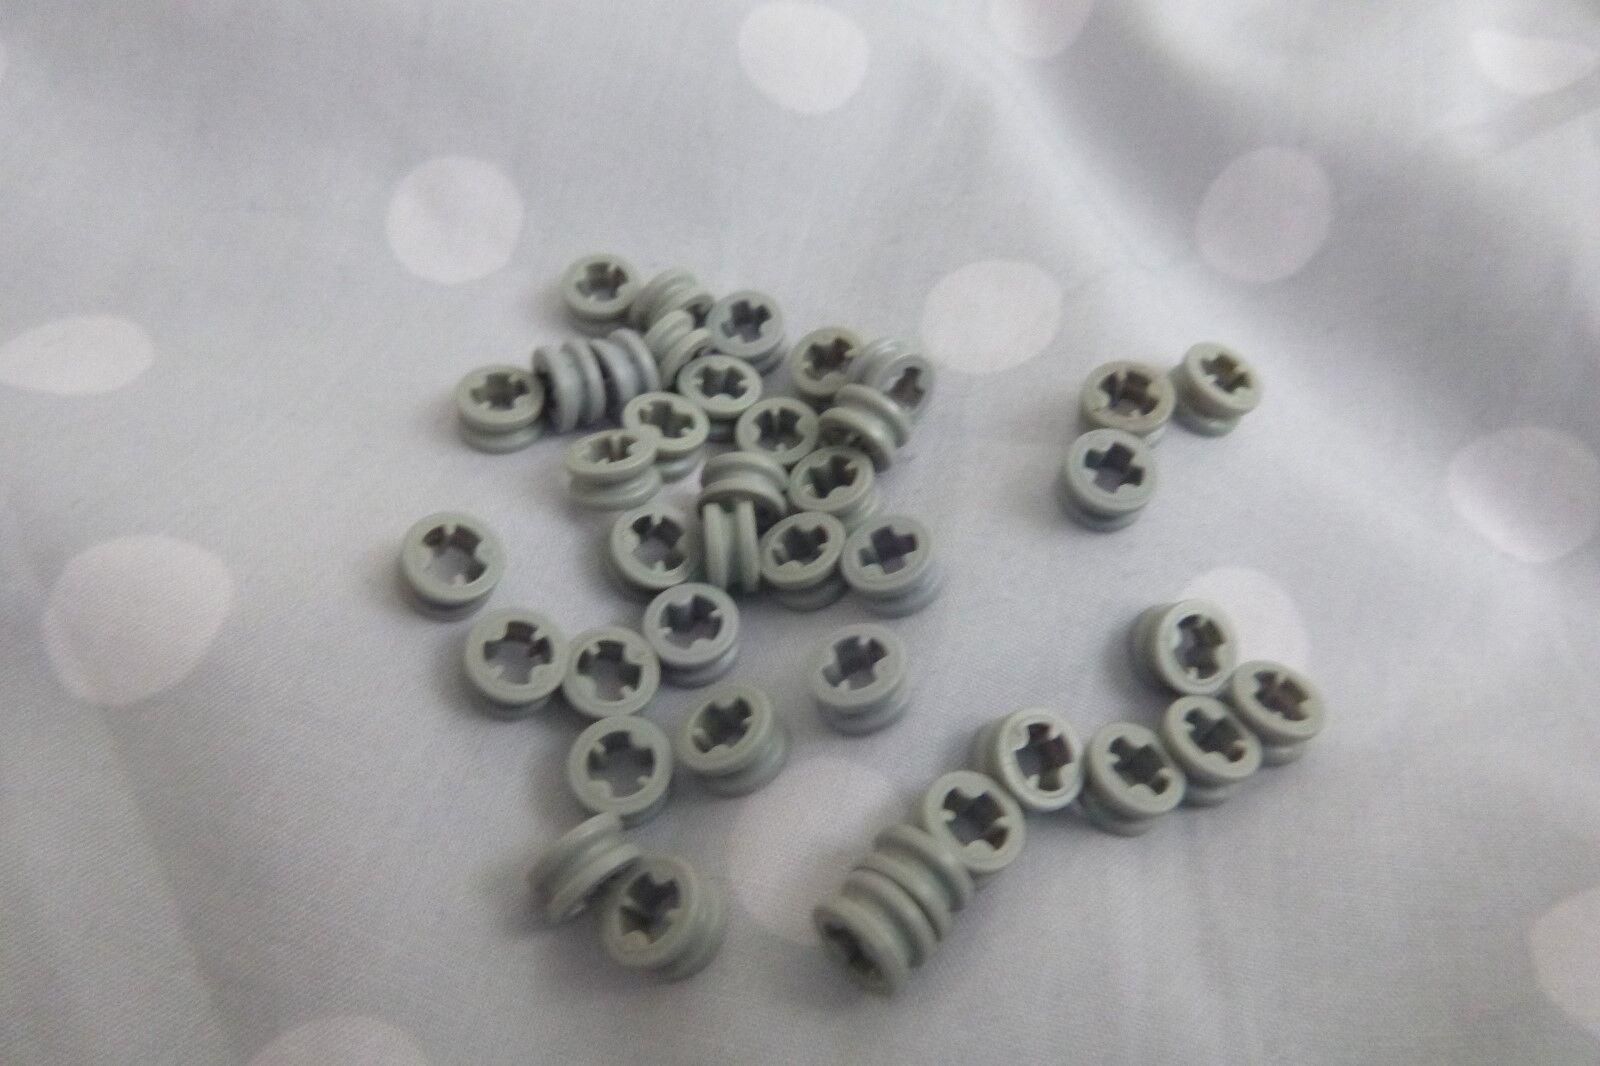 Lego Technic Bush Bush Bush 1/2 Smooth ref 4265 C In Mid Stone X 40pcs 997ad8